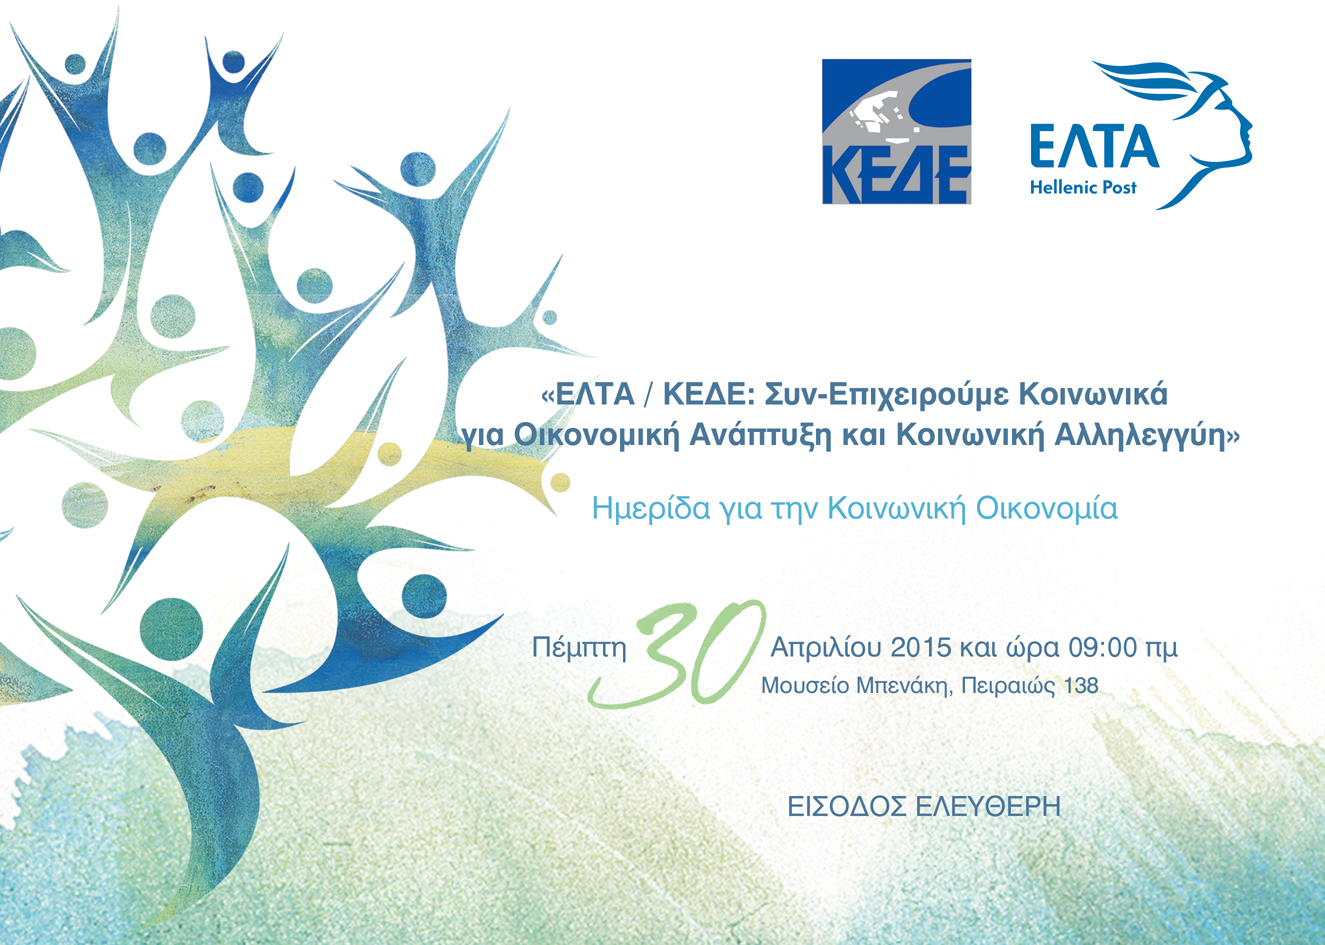 ΕΛΤΑ / ΚΕΔΕ: Συν-Επιχειρούμε Κοινωνικά για Οικονομική Ανάπτυξη και Κοινωνική Αλληλεγγύη